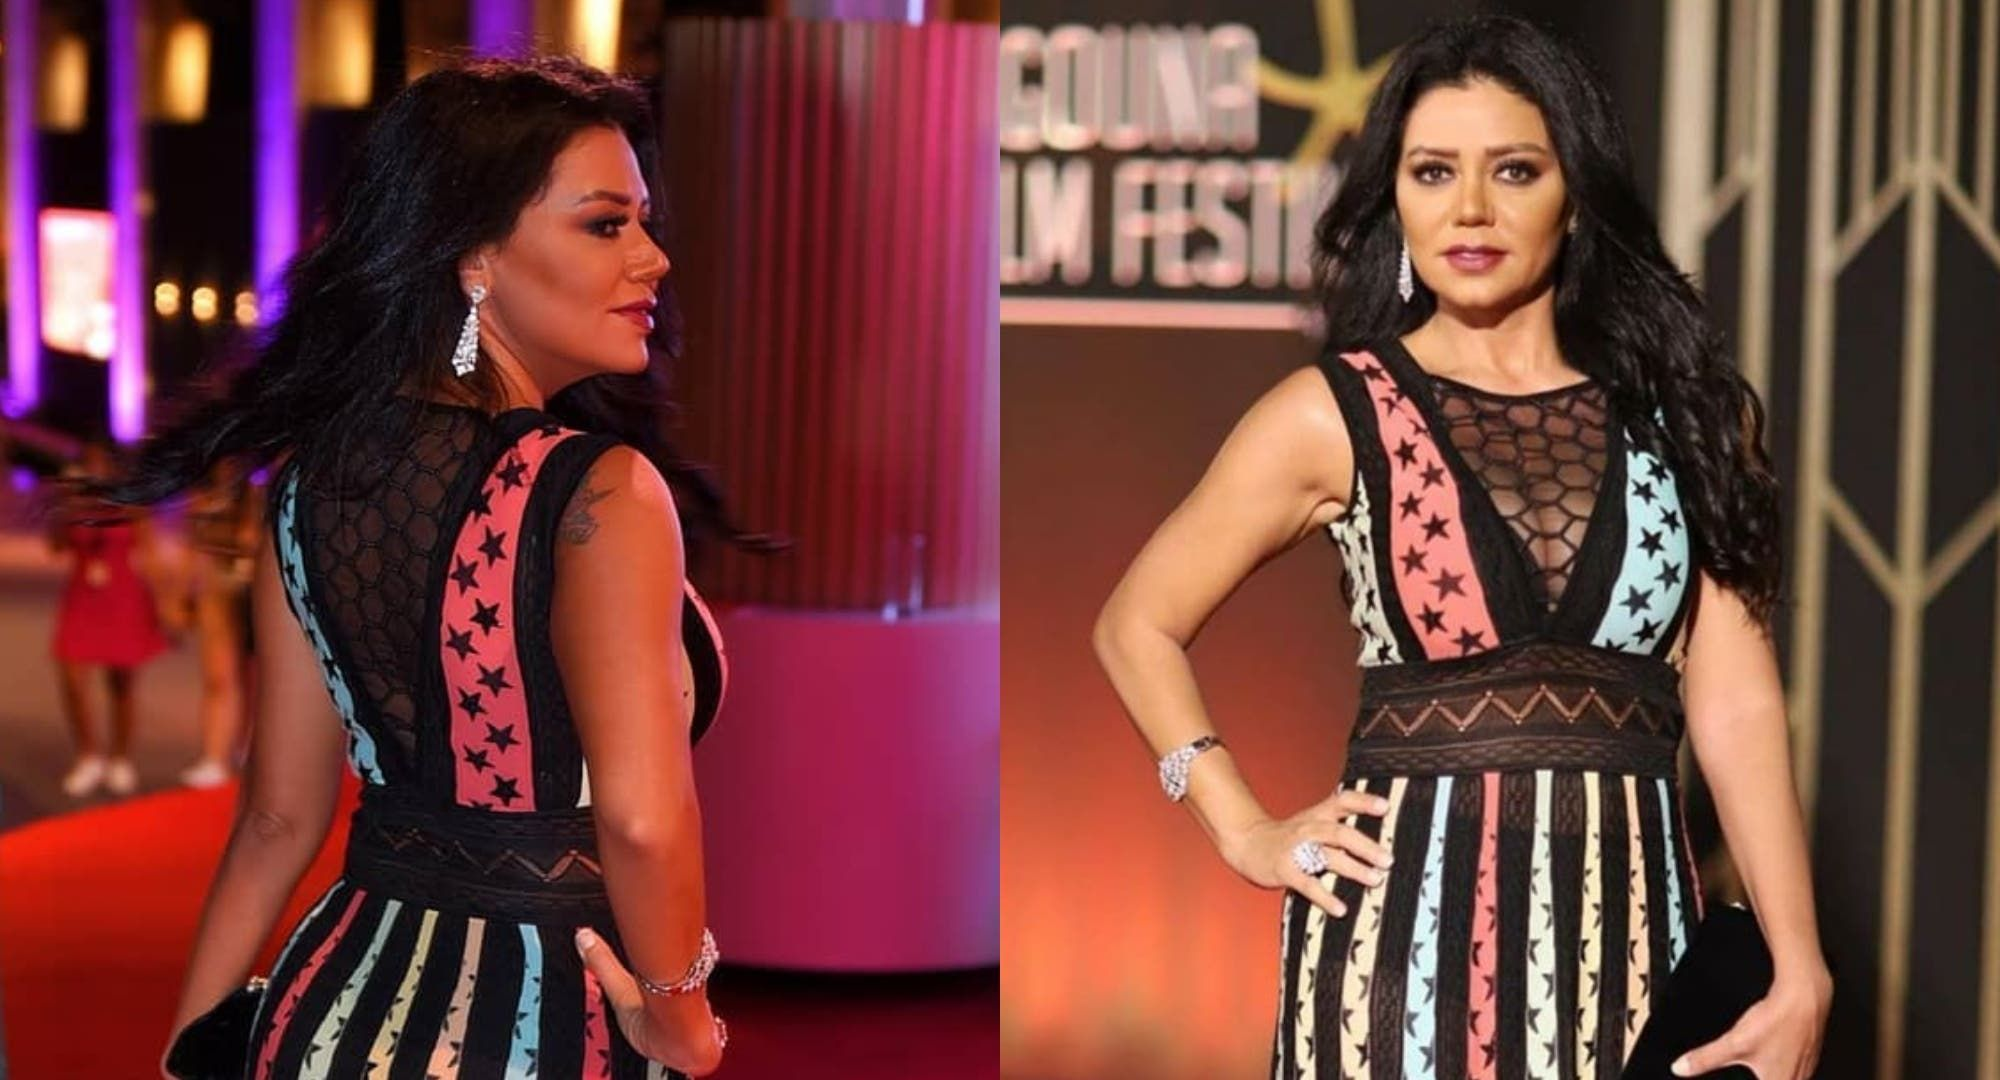 رانيا يوسف تثير سخرية الجمهور في مهرجان الجونة السينمائي شاهدوا السبب